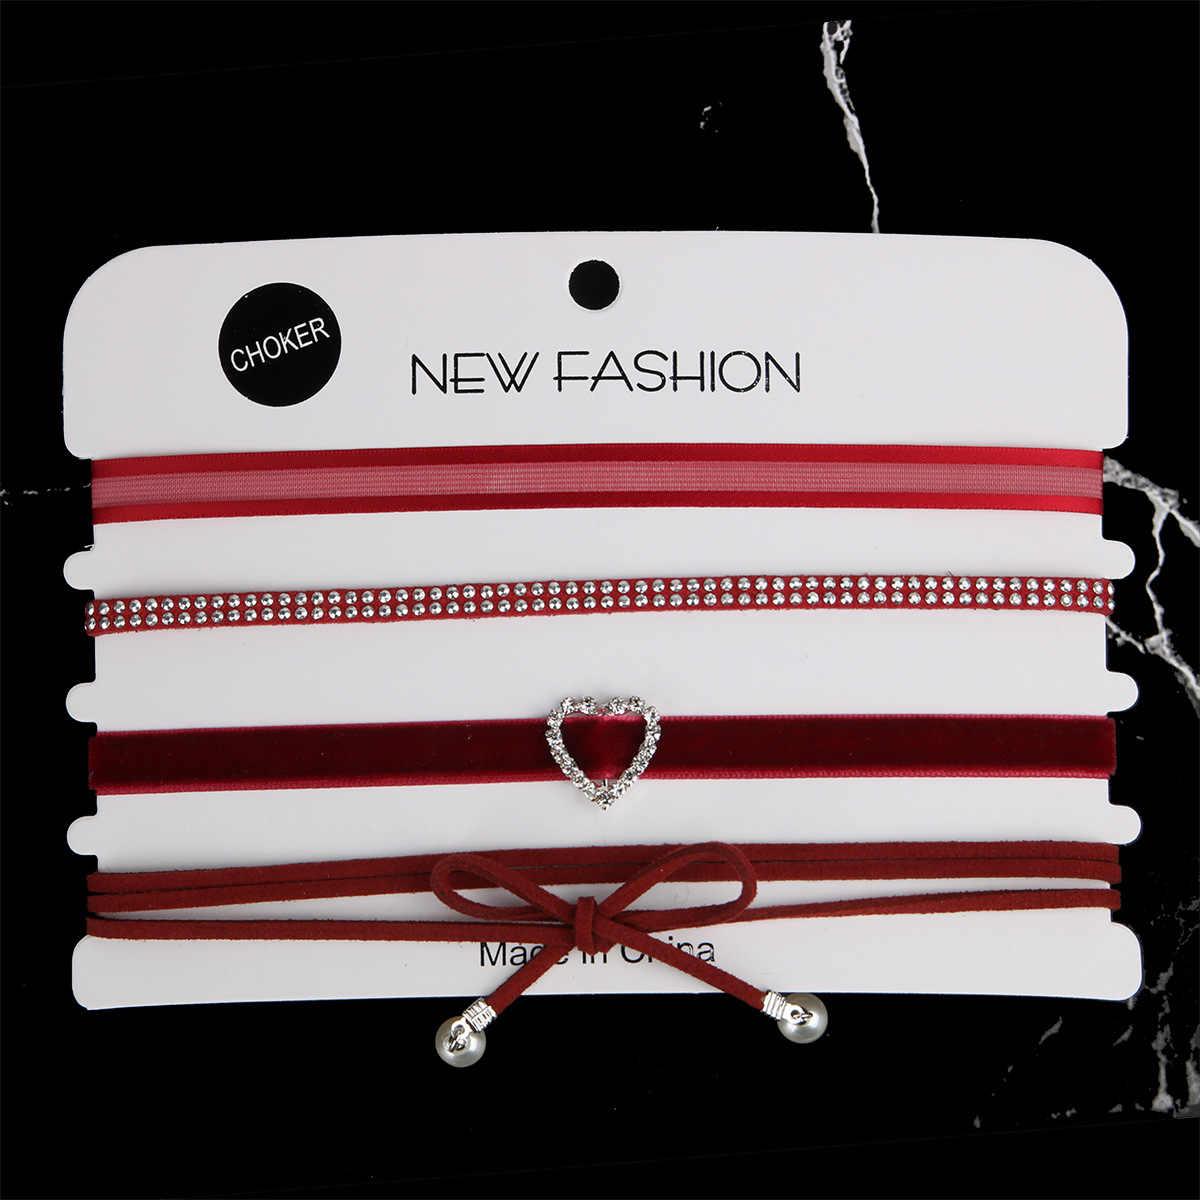 4 cái/bộ Thời Trang Phổ Biến Nhiều Màu Nhung Choker Vòng Cổ Ren Chuỗi Dây Lớp Chocker Vintage Bông Trang Sức dành cho Nữ